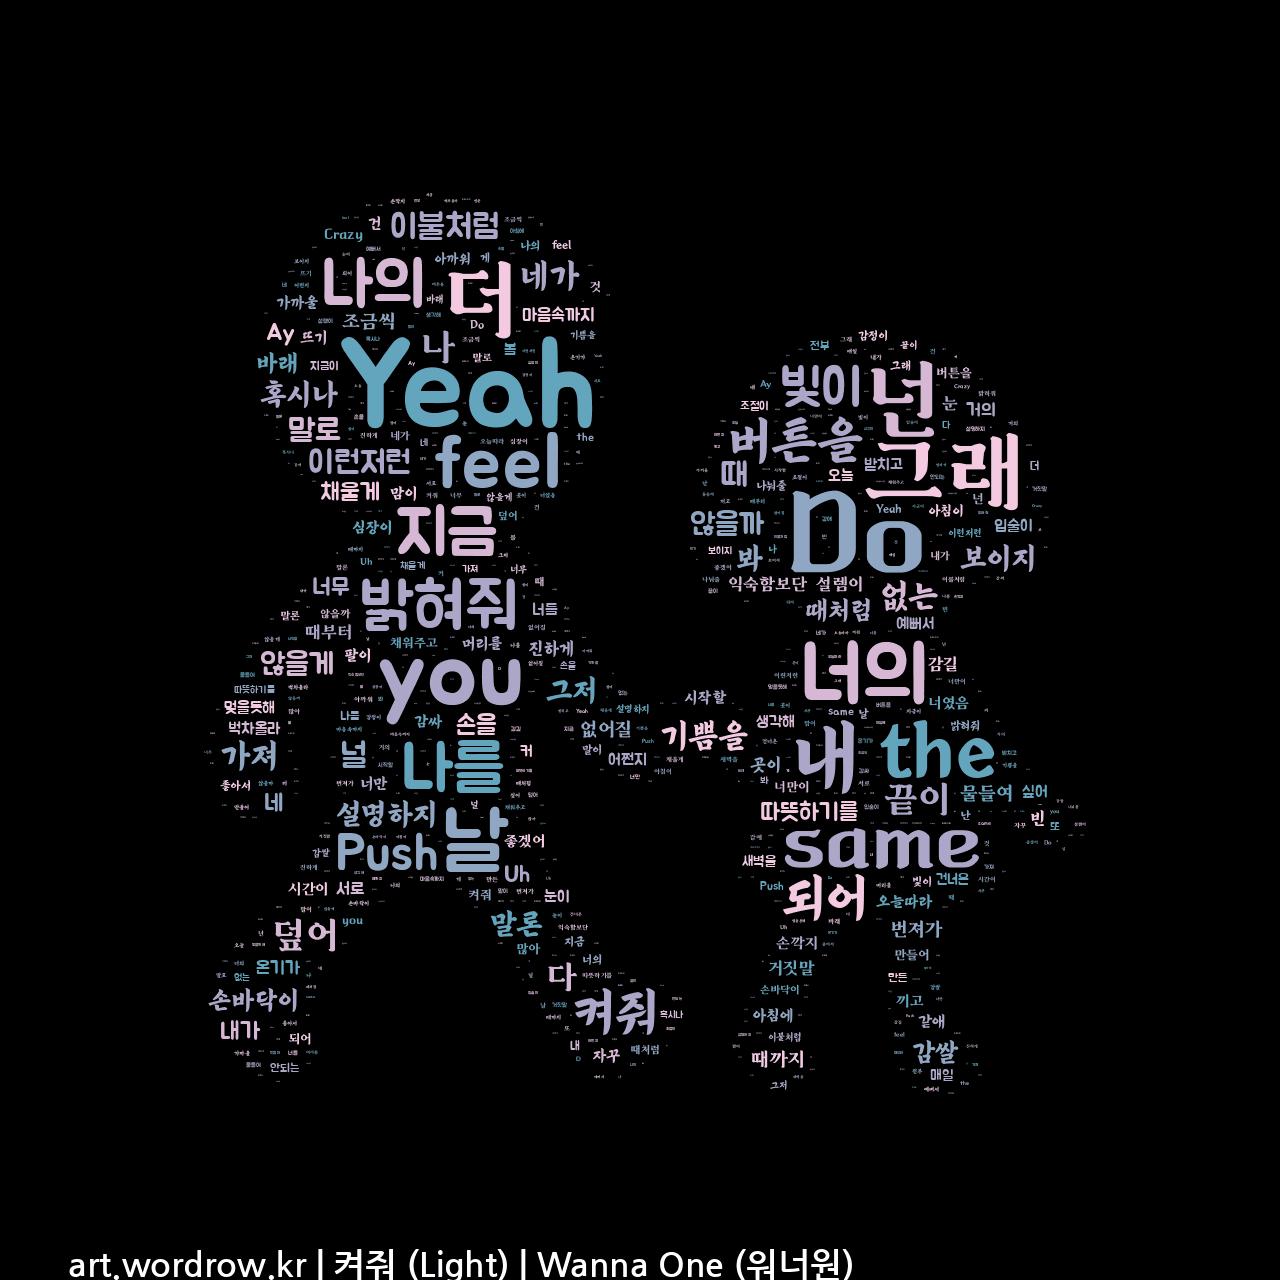 워드 아트: 켜줘 (Light) [Wanna One (워너원)]-17